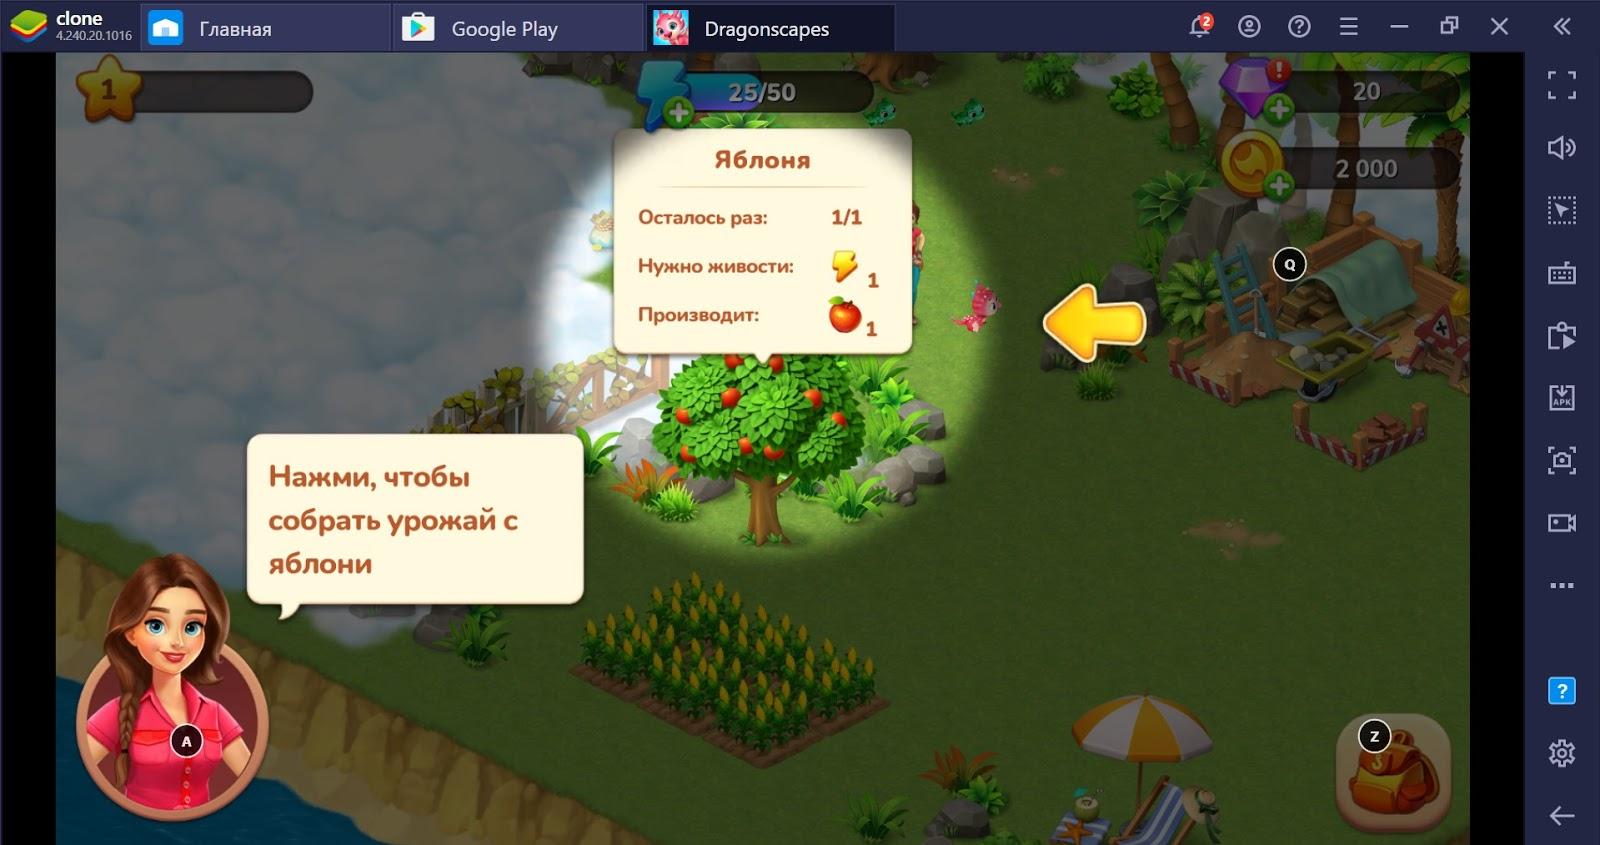 Обзорный гайд по Dragonscapes Adventure. Как приручить дракона и построить ферму?